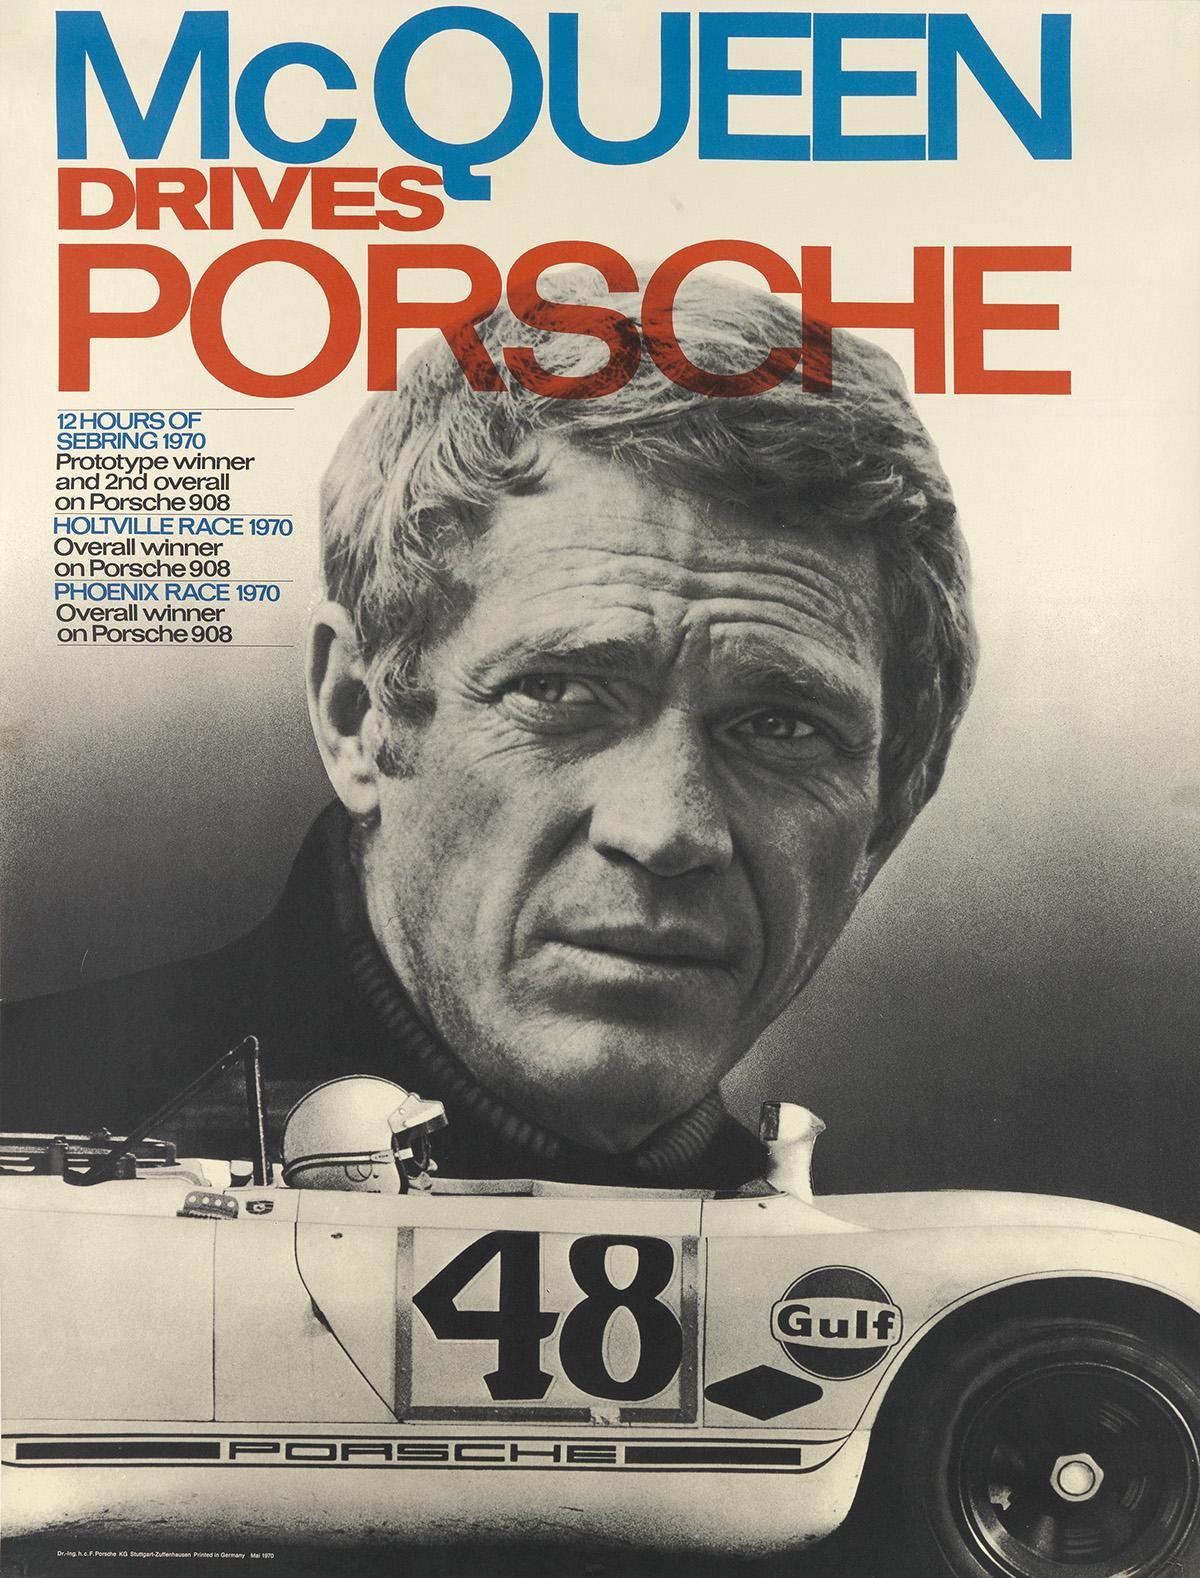 DESIGNER-UNKNOWN-MCQUEEN-DRIVES-PORSCHE-1970-39x30-inches-99